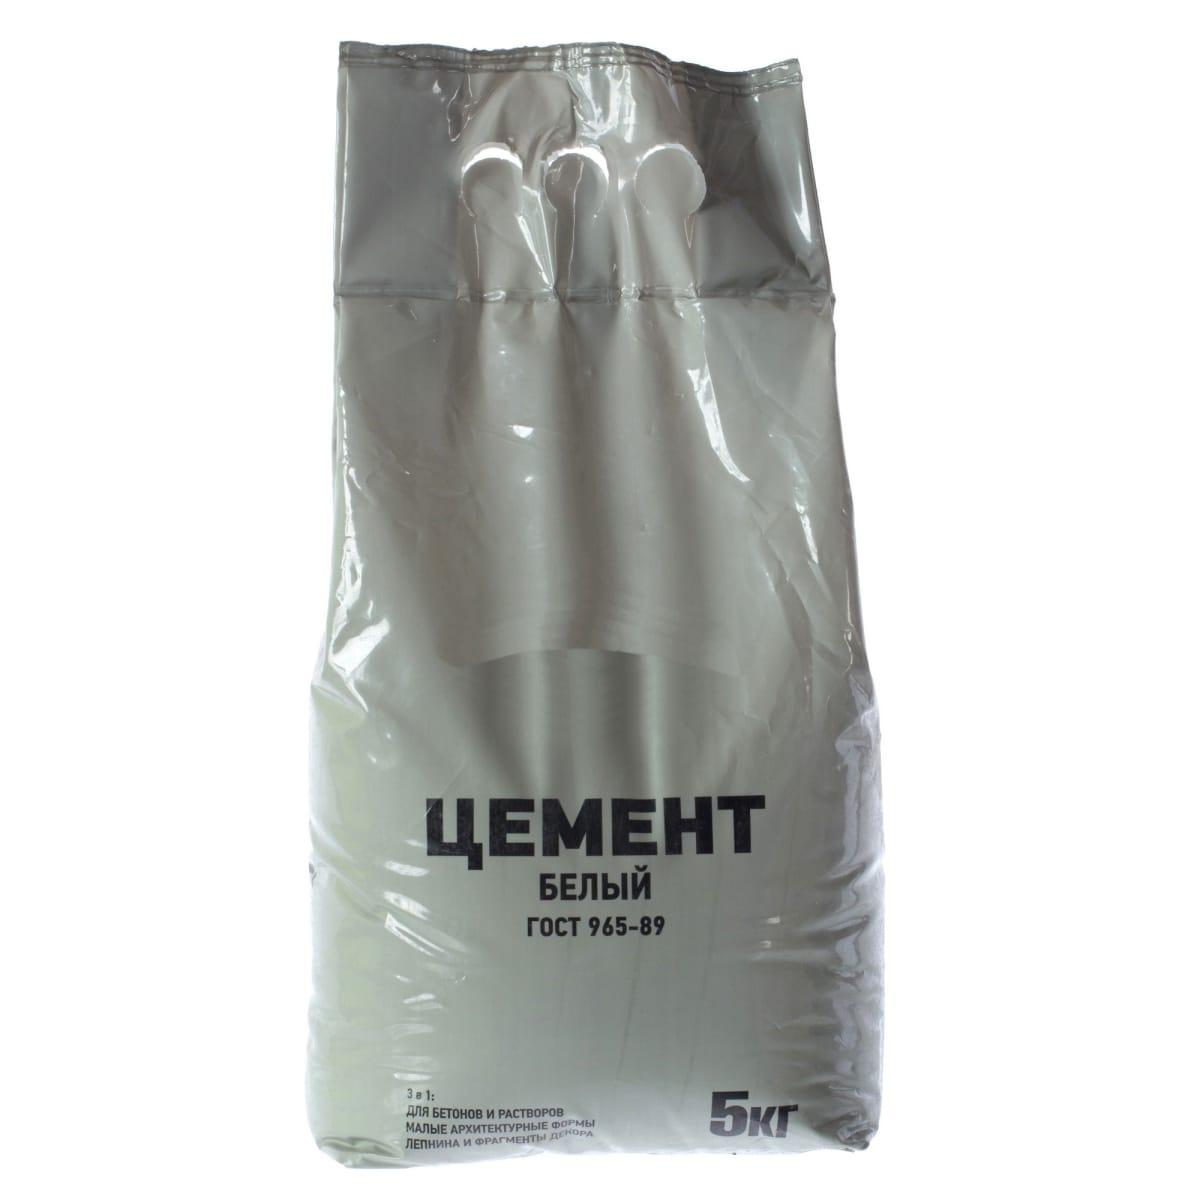 Цемент в леруа мерлен москва цементный раствор изготовить